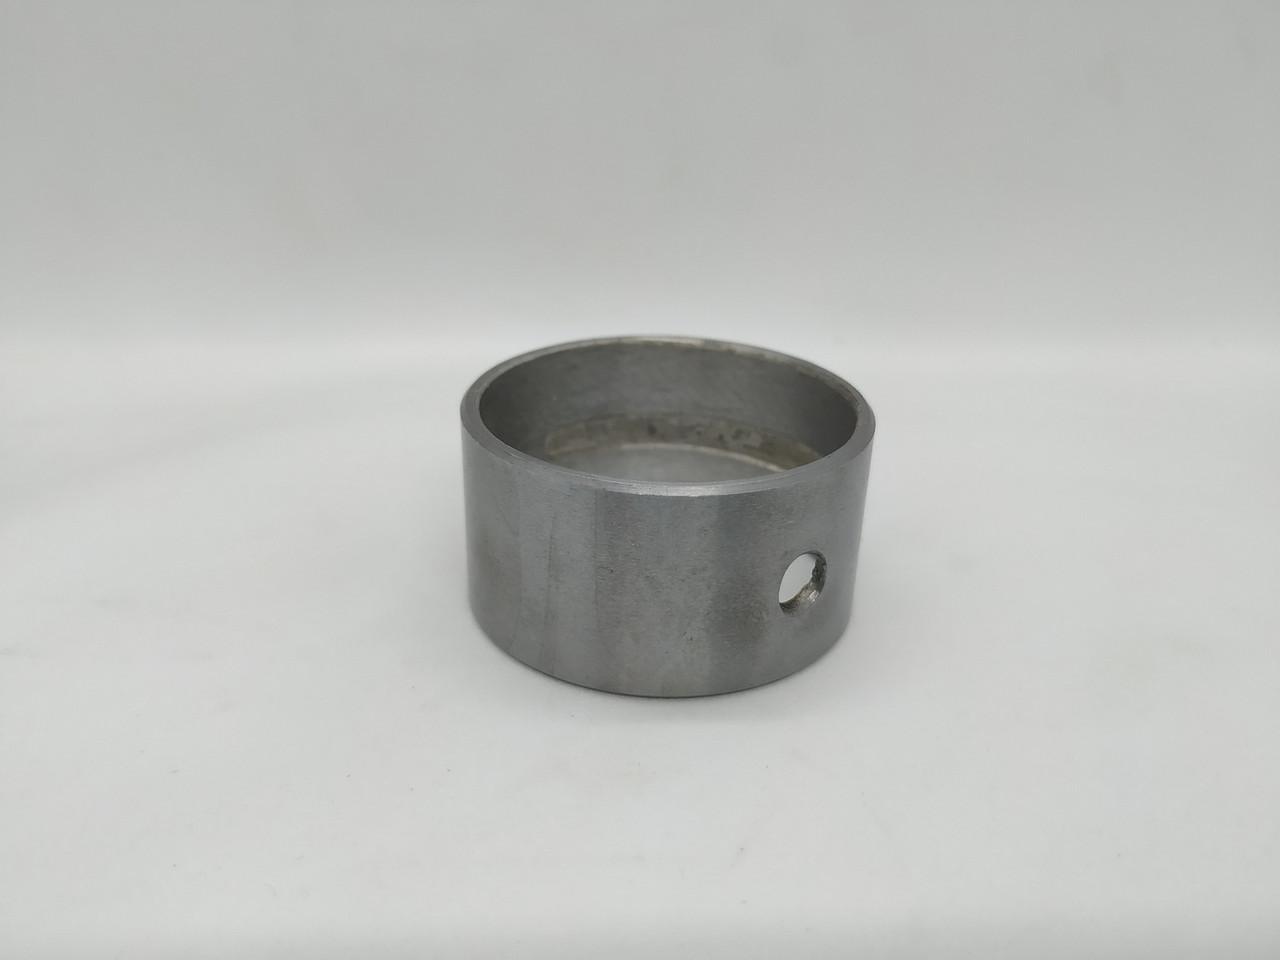 Втулка коленвала (вкладыш коренной) 0,0 STD - 186F